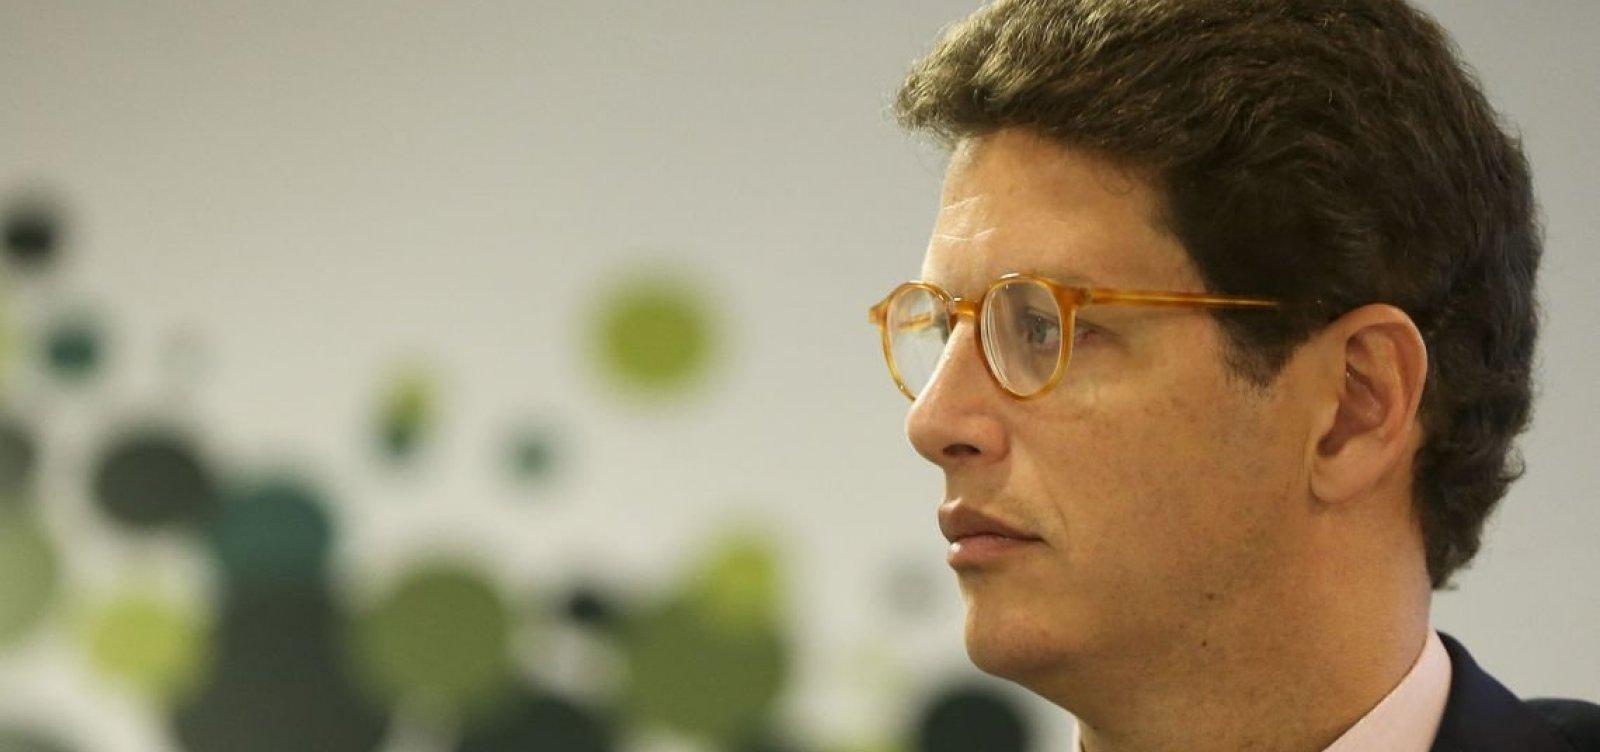 Servidores do Meio Ambiente criticam ministro em carta aberta à sociedade